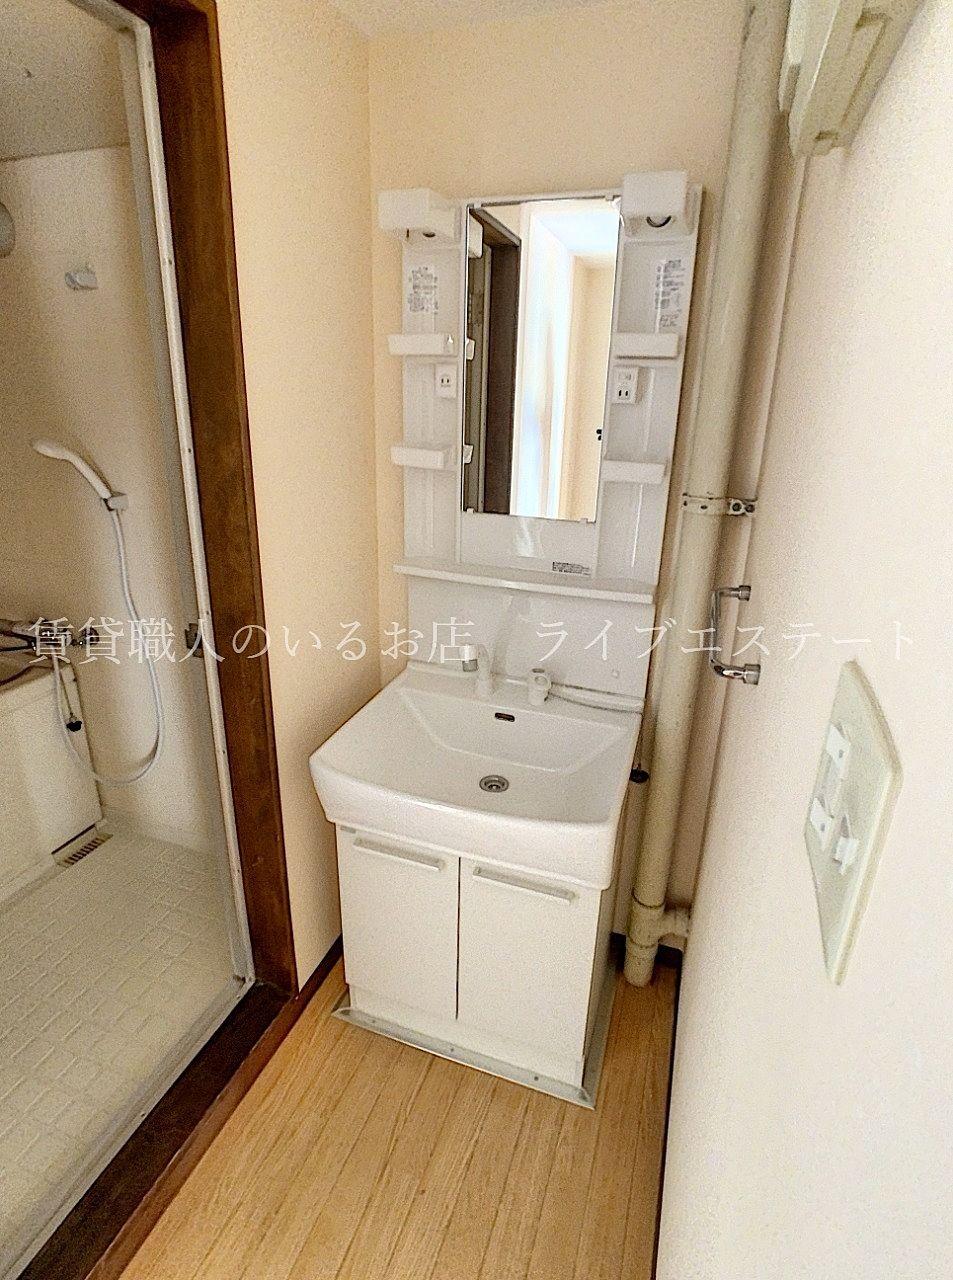 洗面ボウルをお掃除するときもシャワーの方が流しやすいです